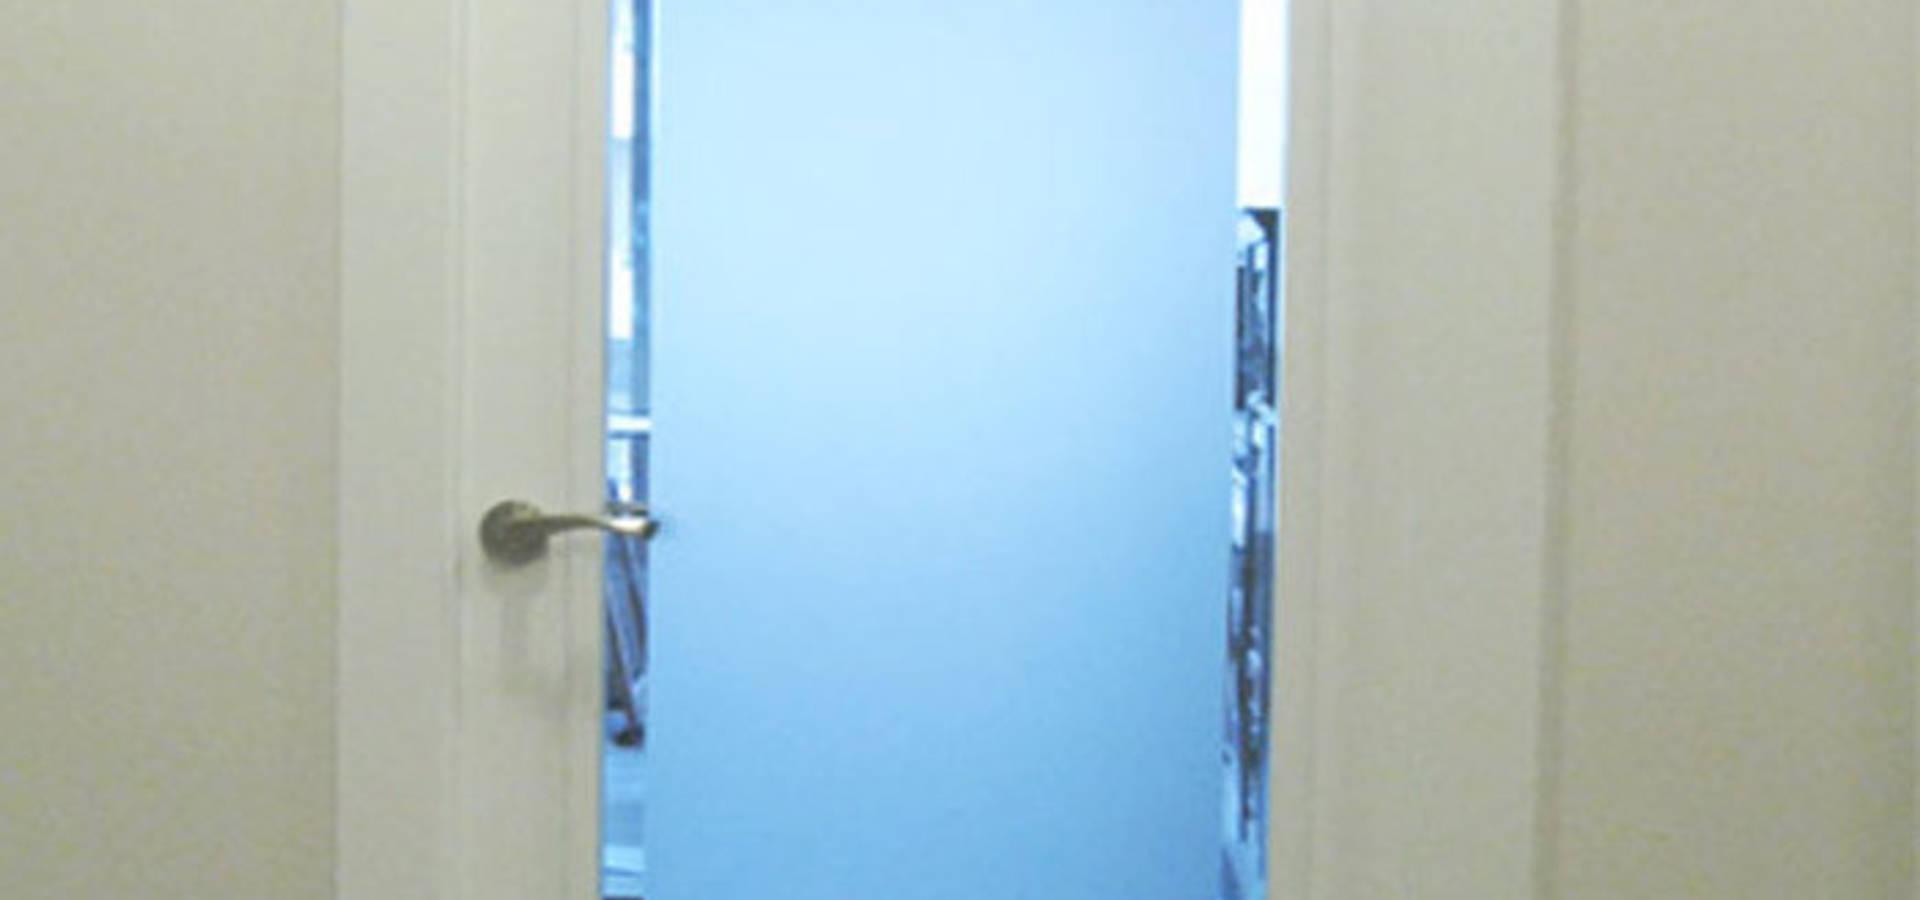 Puertas blindadas a medida con cristal de seguridad de r - Puertas blindadas a medida ...